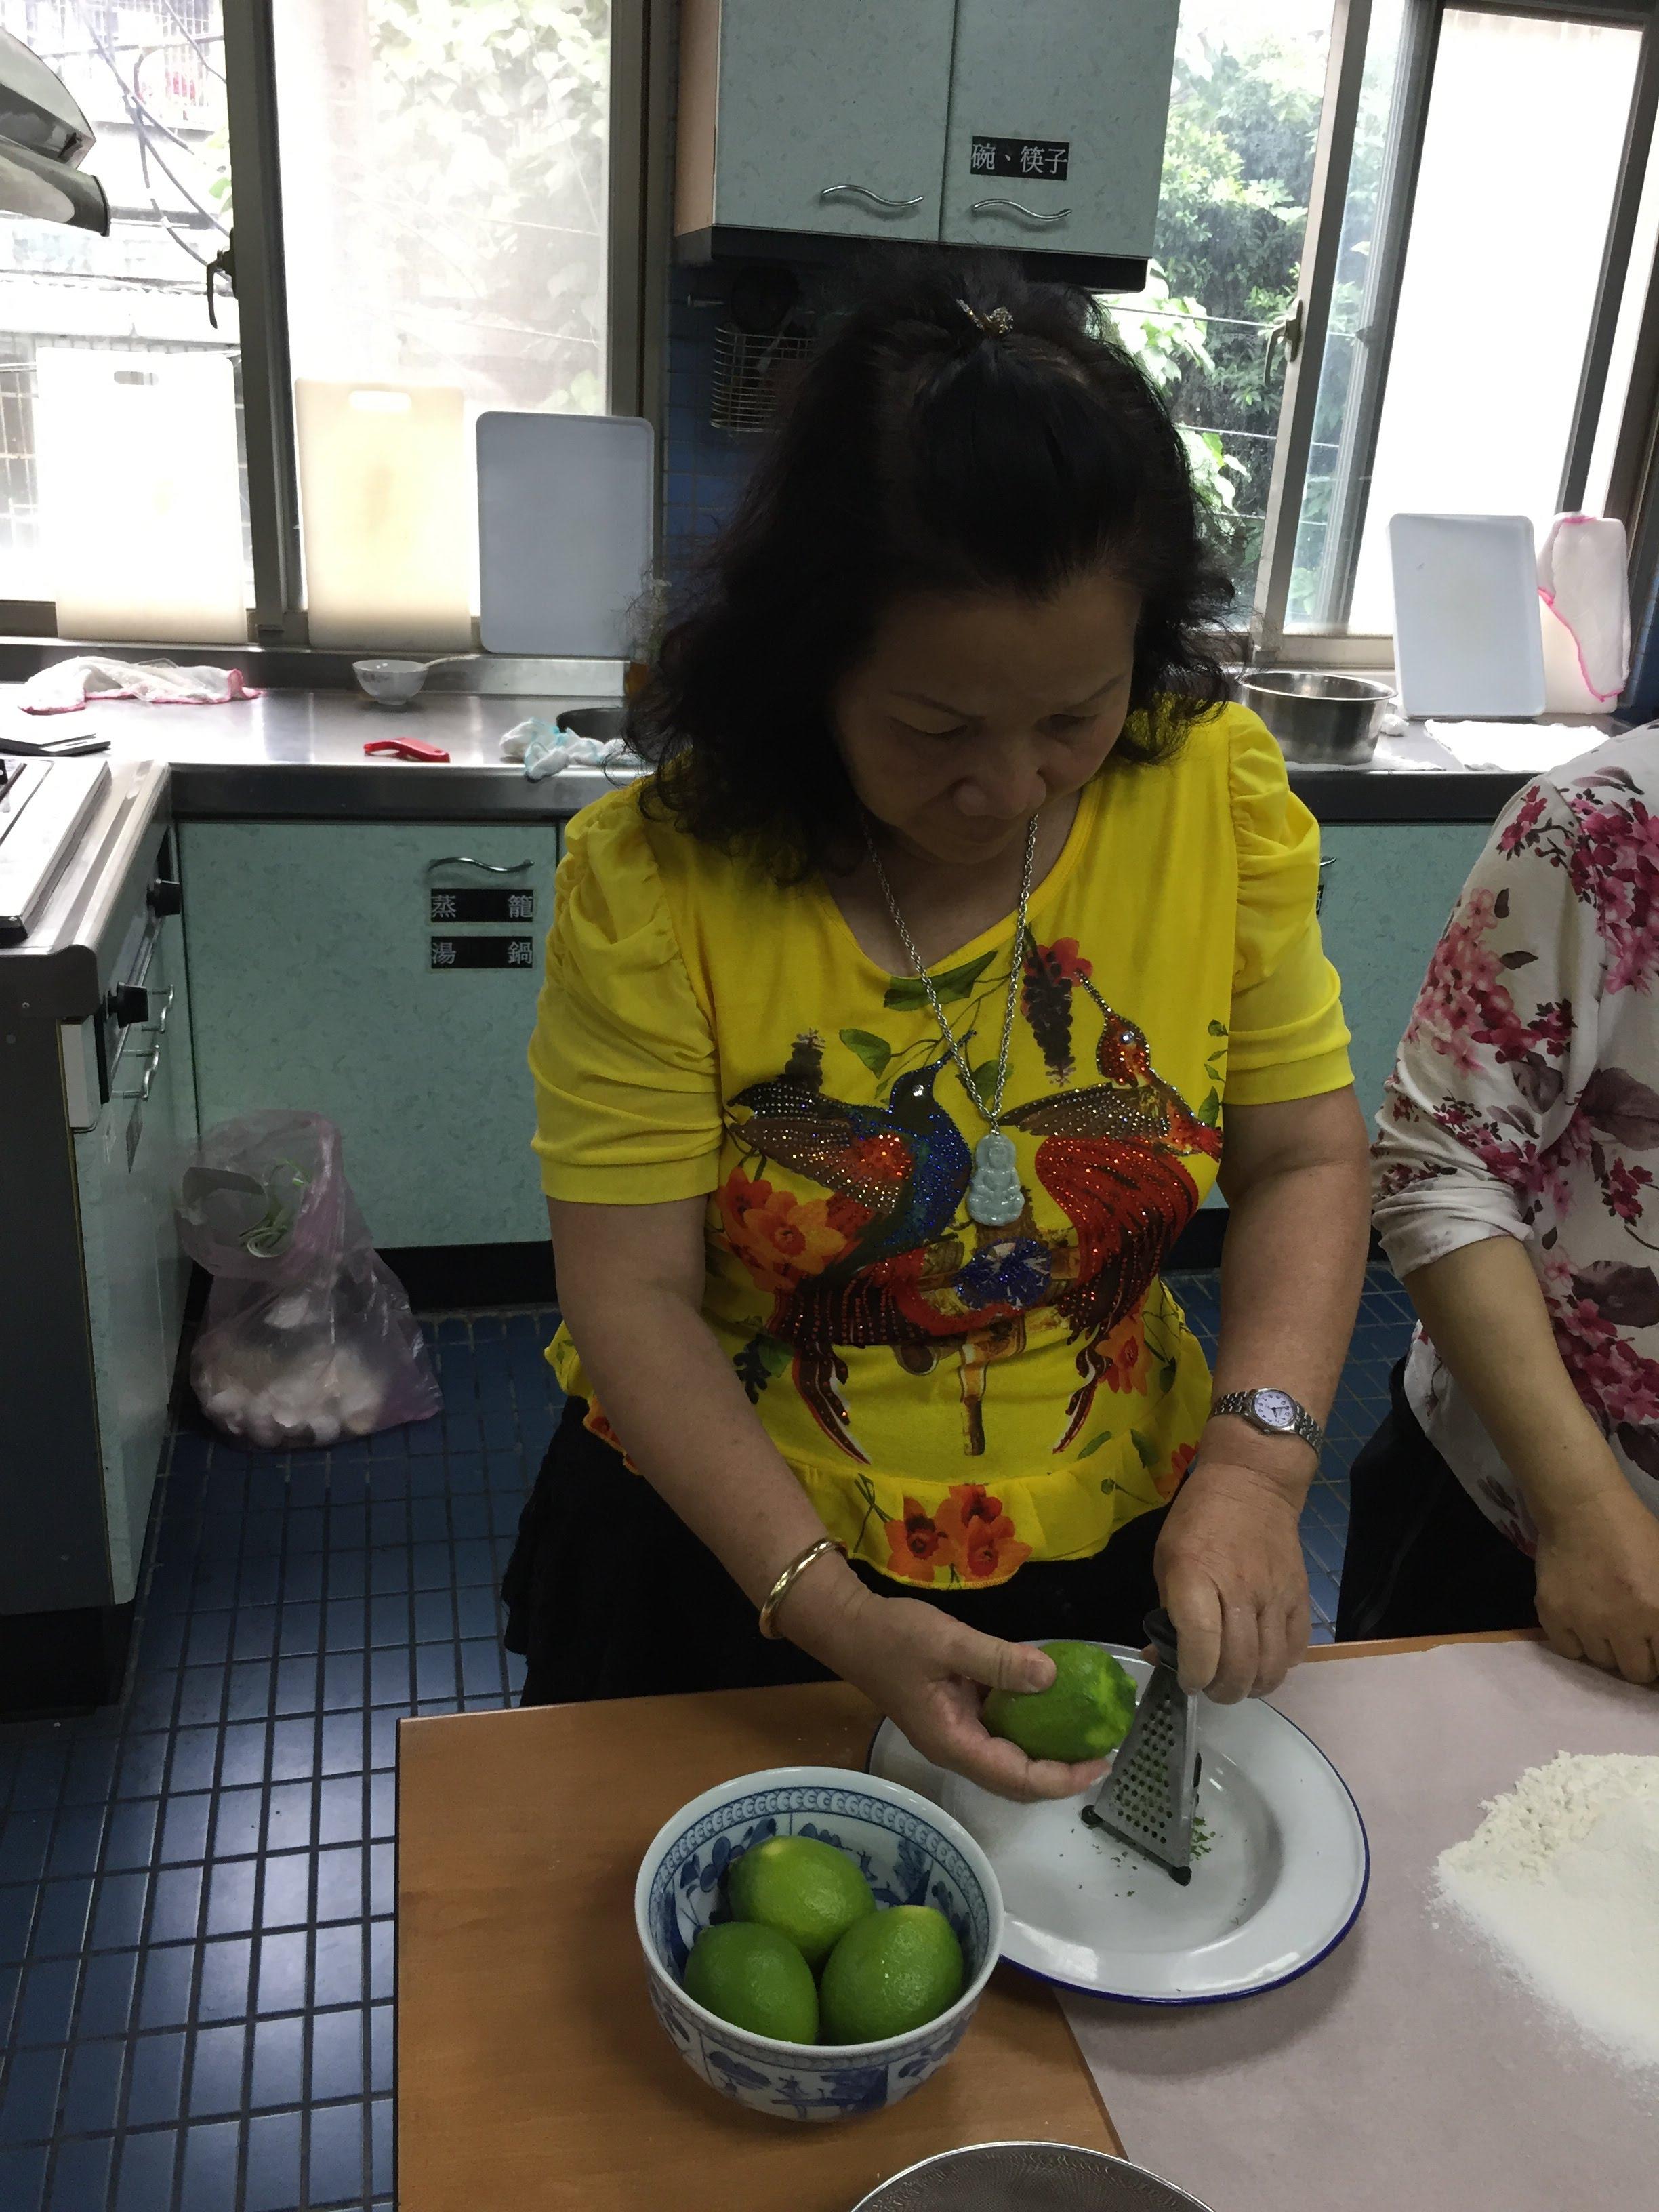 學員將器材定位於盤子上,並將檸檬皮外層削至此中